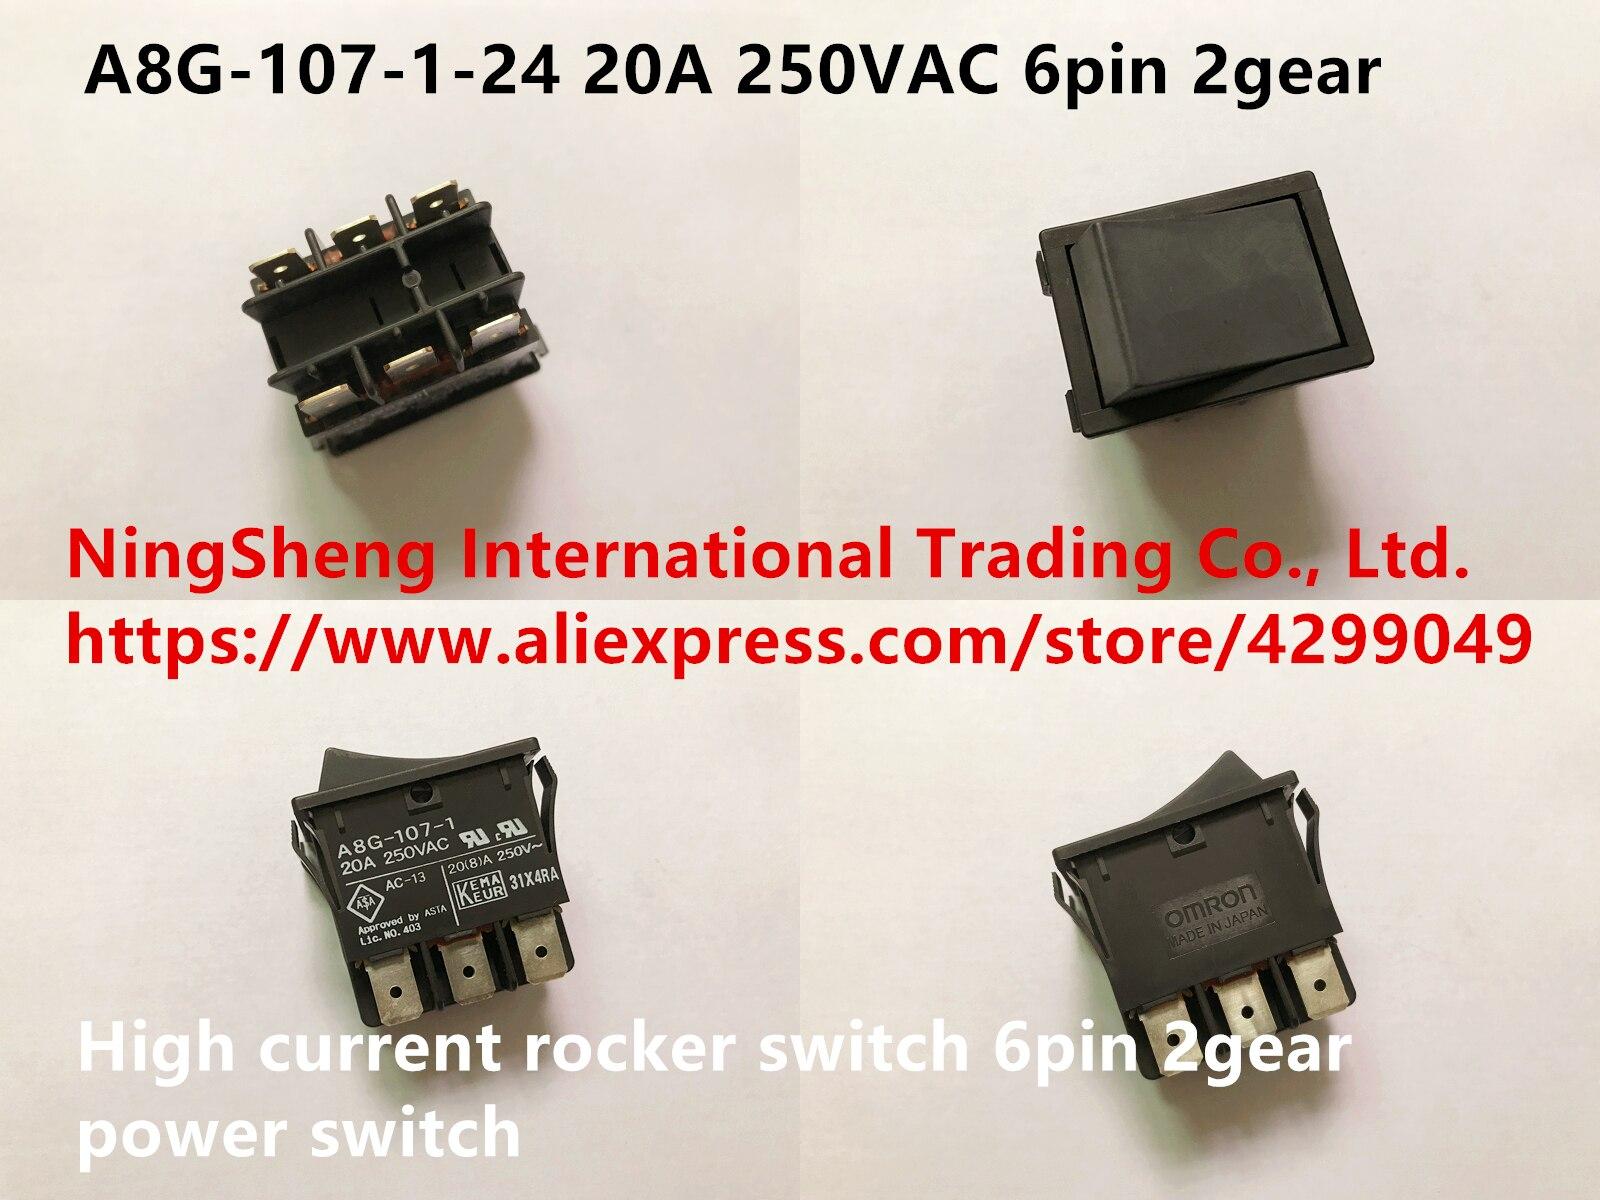 Original nouveau 100% japon importation A8G-107-1-24 20A 250VAC haute intensité interrupteur à bascule 6pin 2 interrupteur d'alimentation